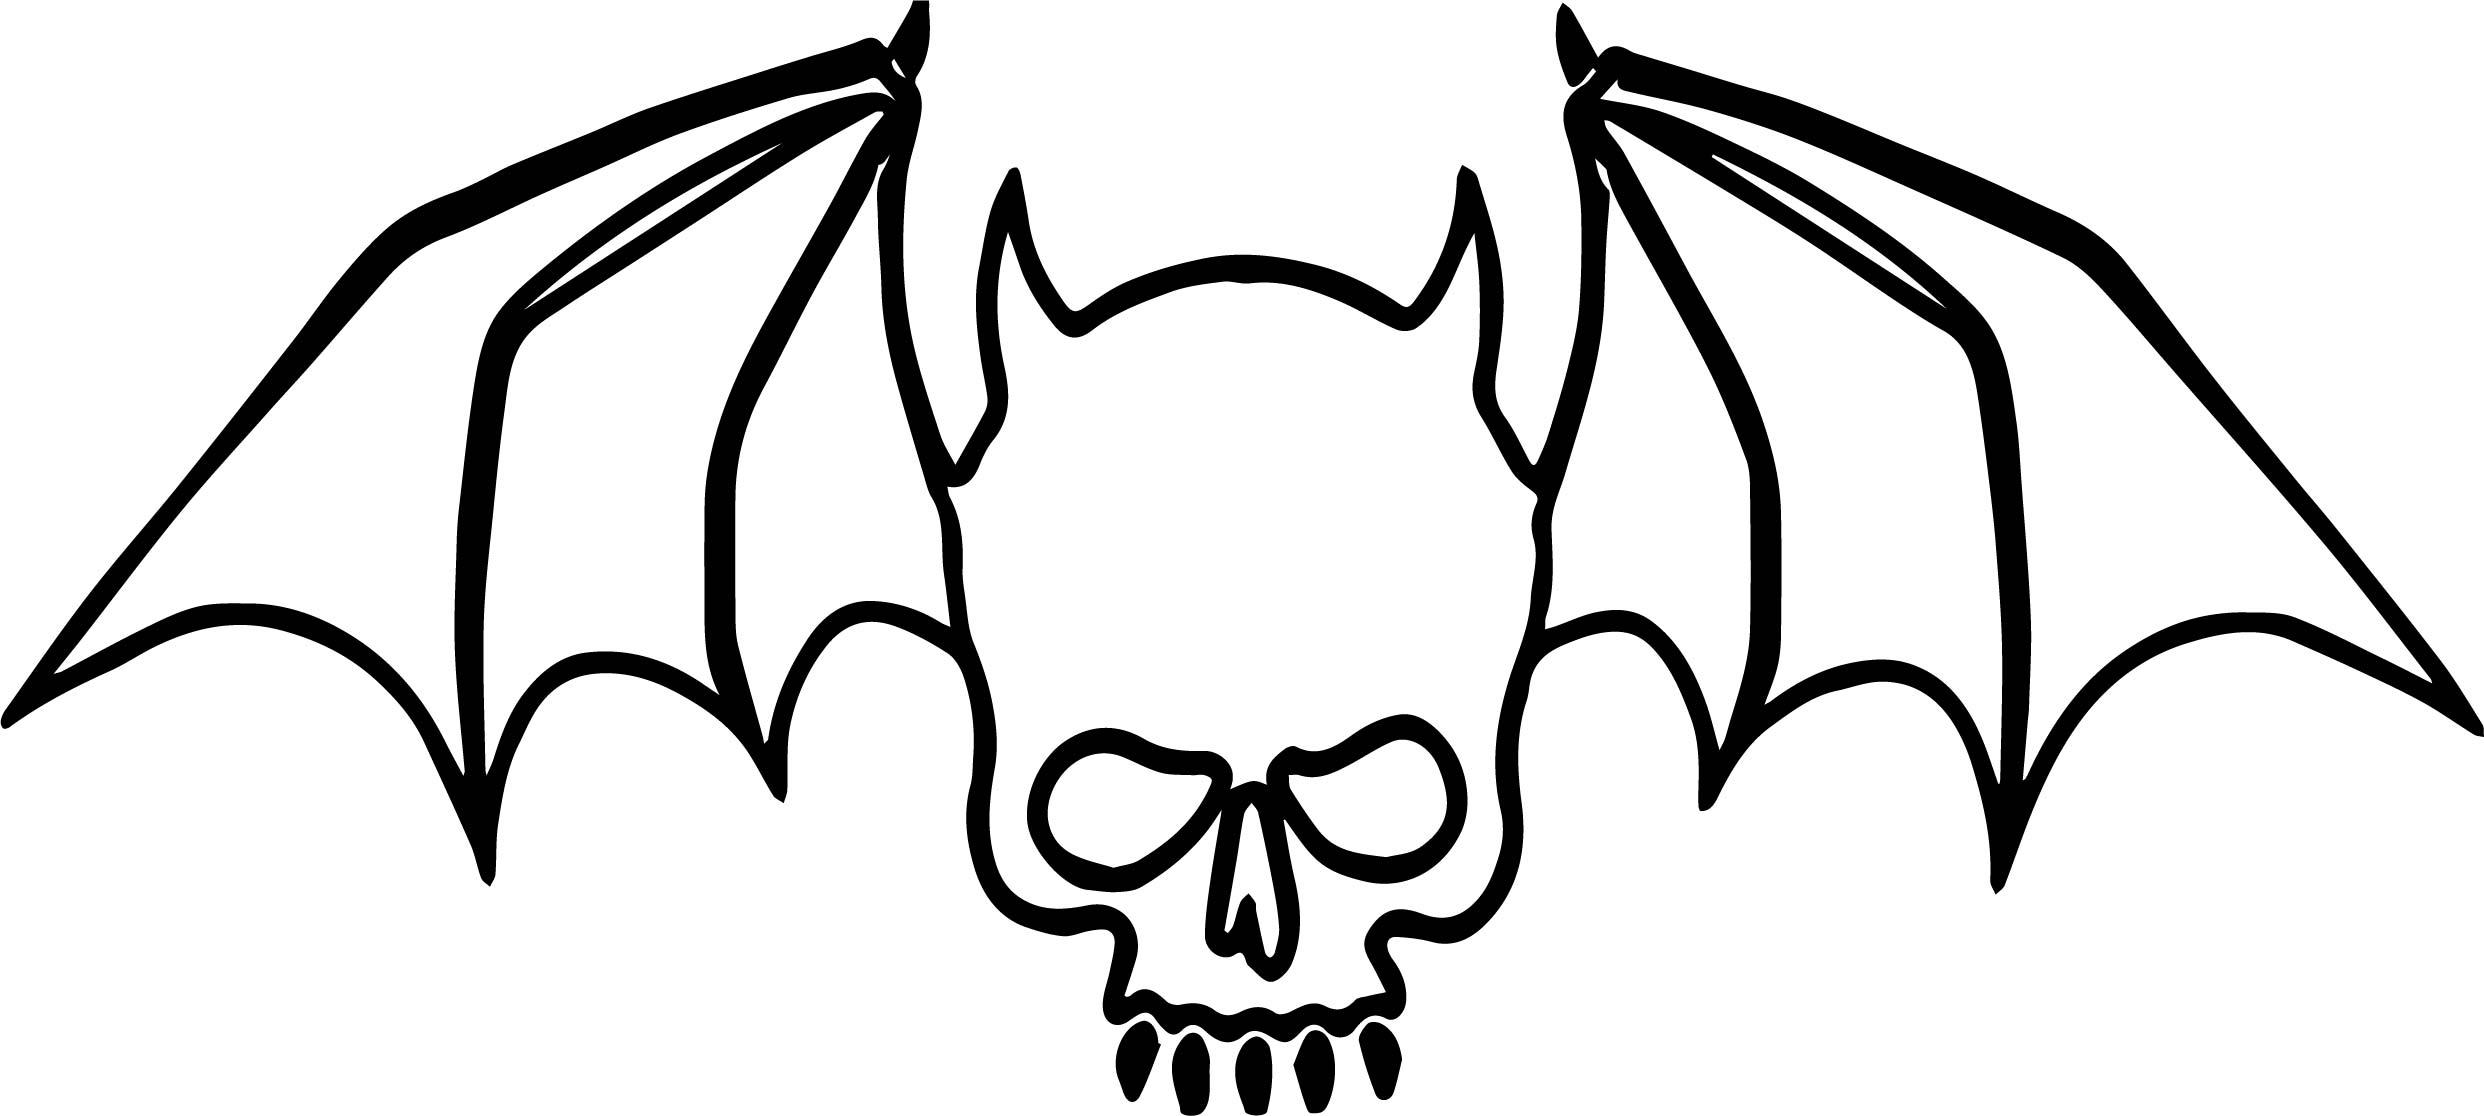 Skull Bat Vampire Coloring Page